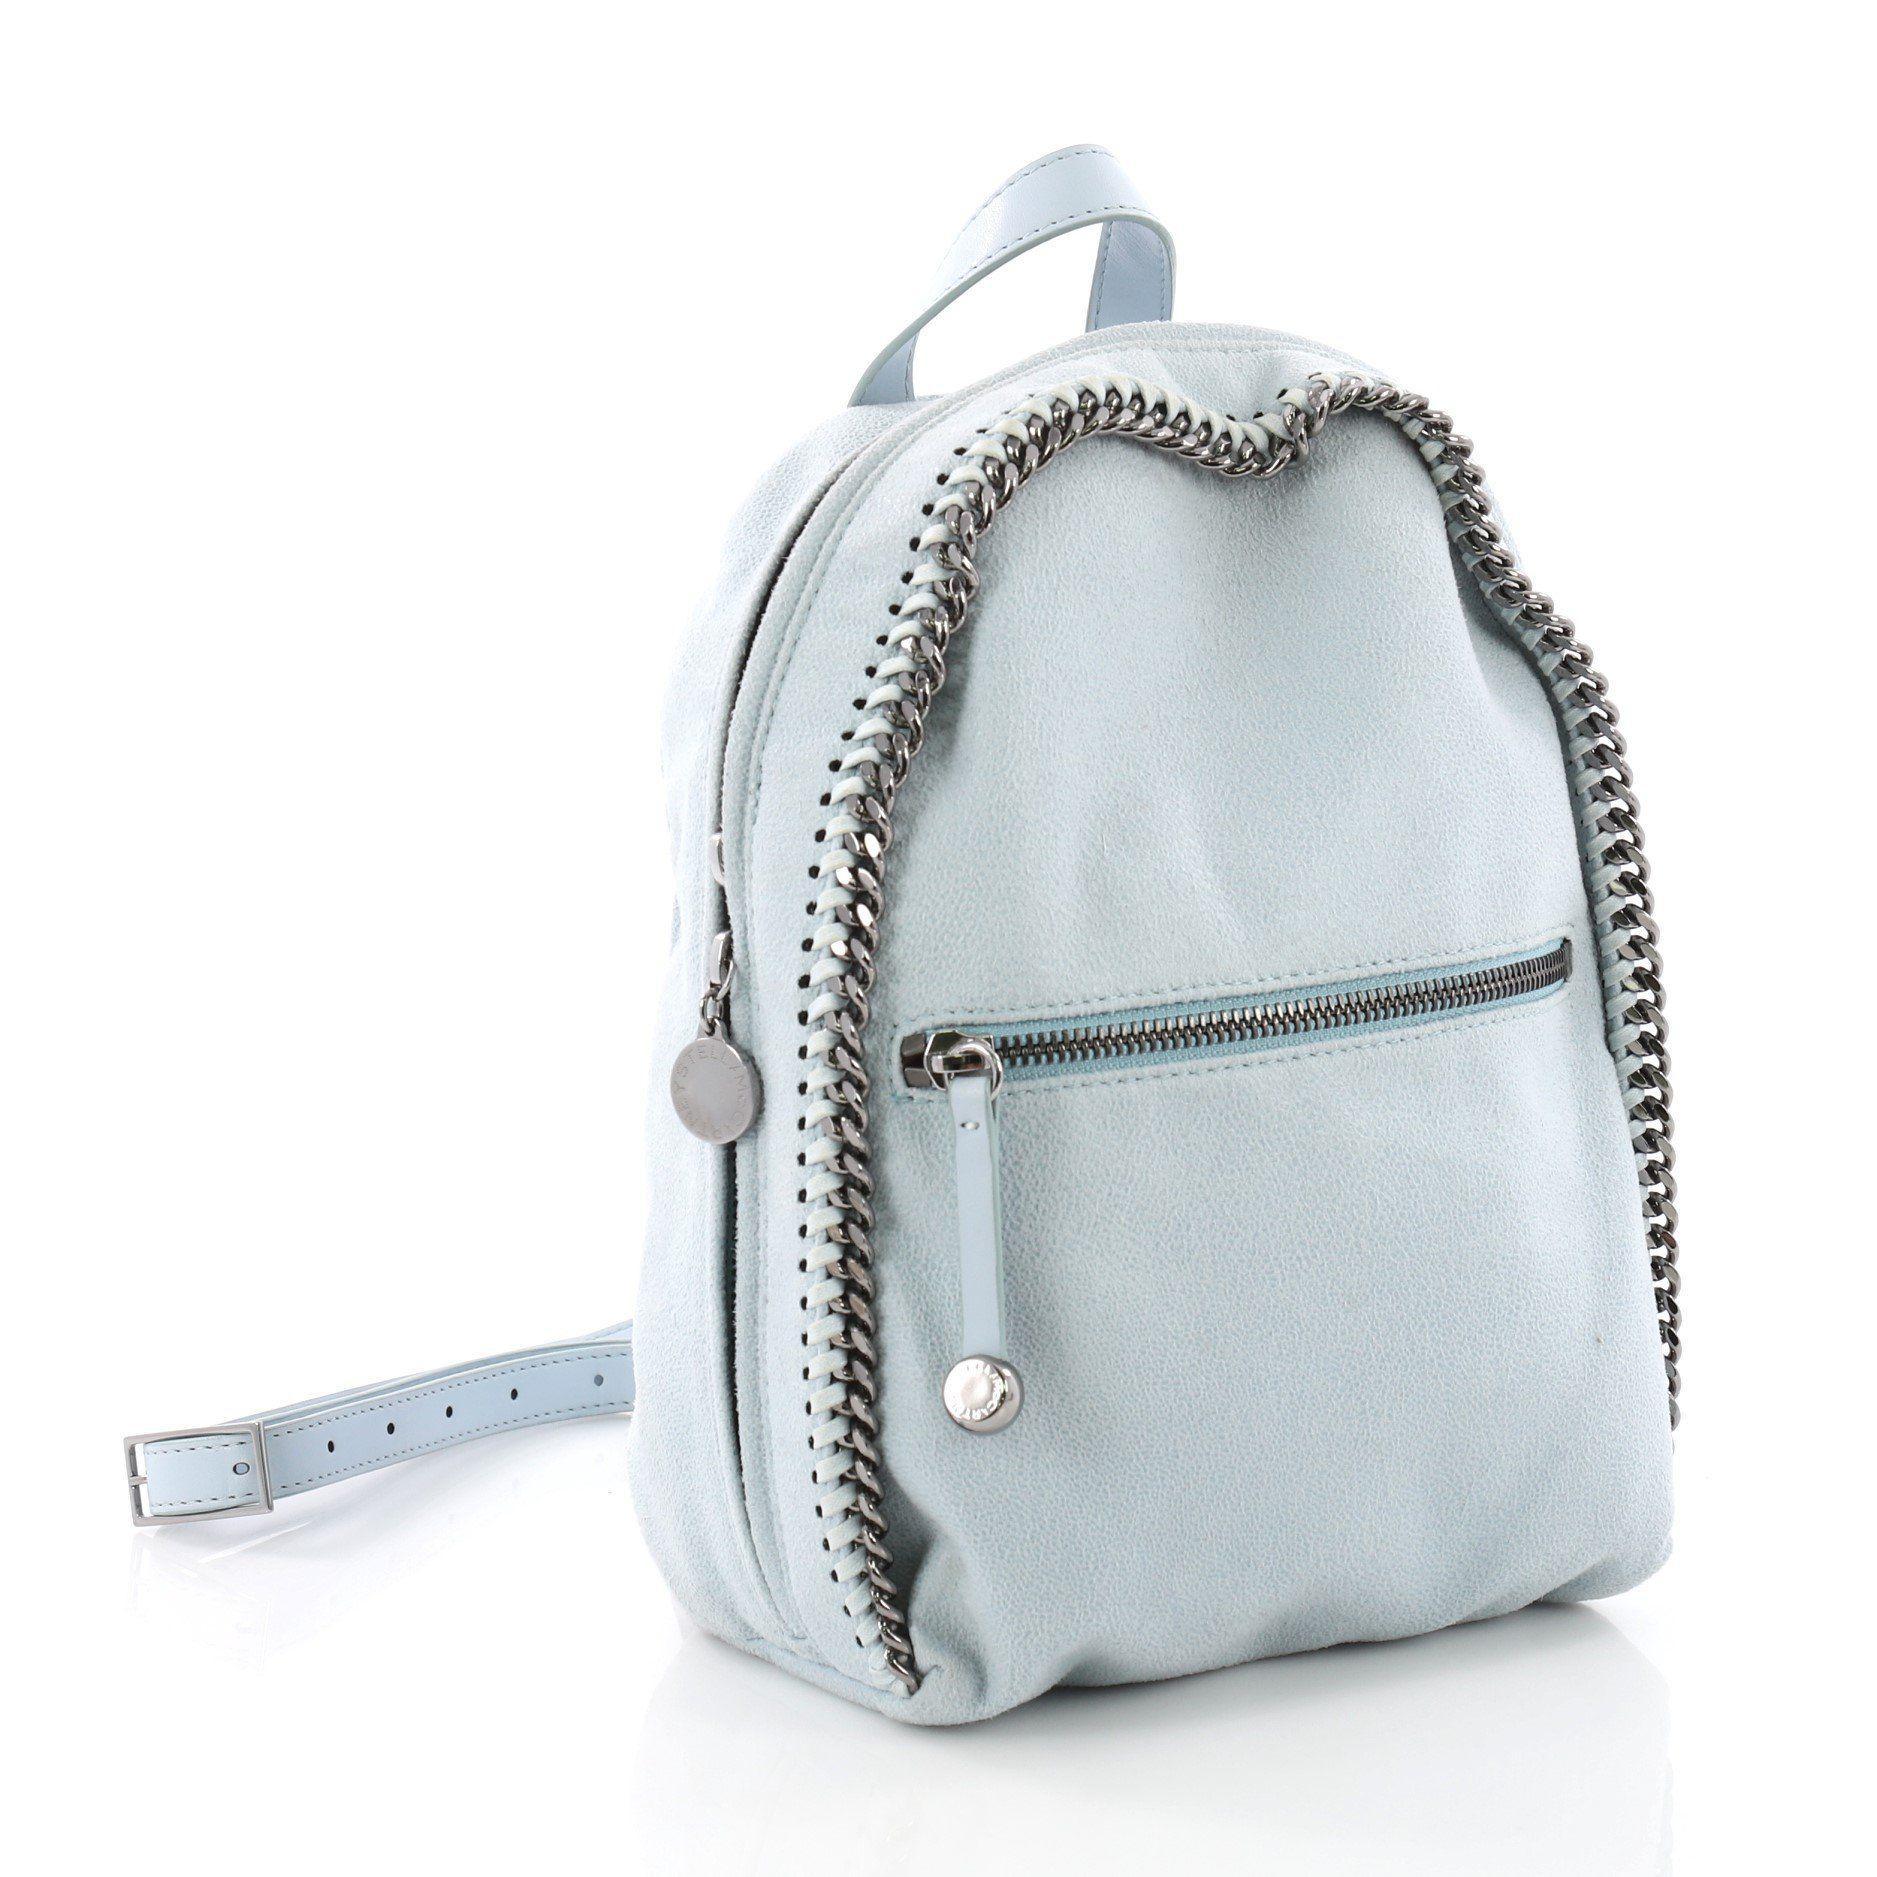 c20c603b9d14 ... Falabella Front Zip Backpack Shaggy Deer Mini - Lyst. View fullscreen